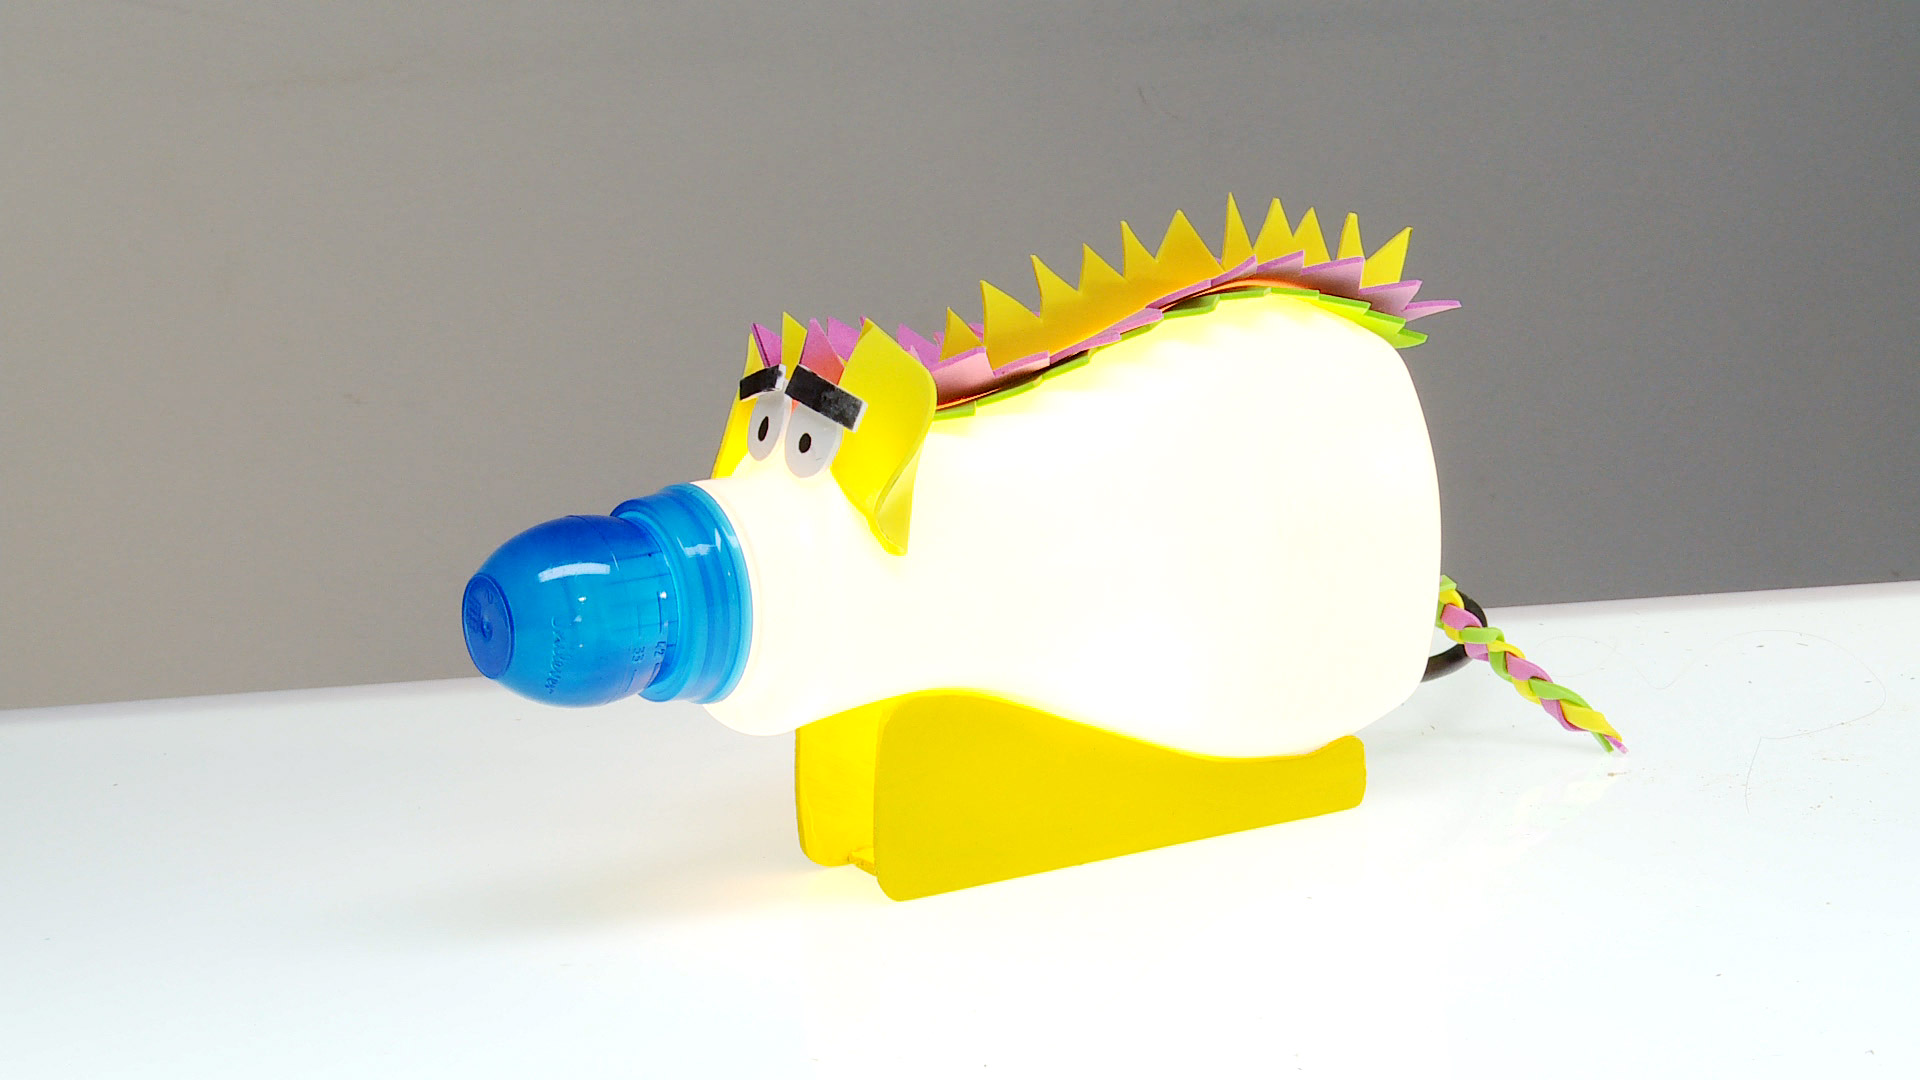 Con envases de plástico que no usemos, podemos hacer figuras de animales, sólo tenemos que decorarlos con goma eva para darles un aspecto animalístico, lo importante es hacer funcionar la imaginación. Se pueden hacer varios de estos animales y coleccionarlos, o también darles otro uso, por ejemplo como pantalla de luz.